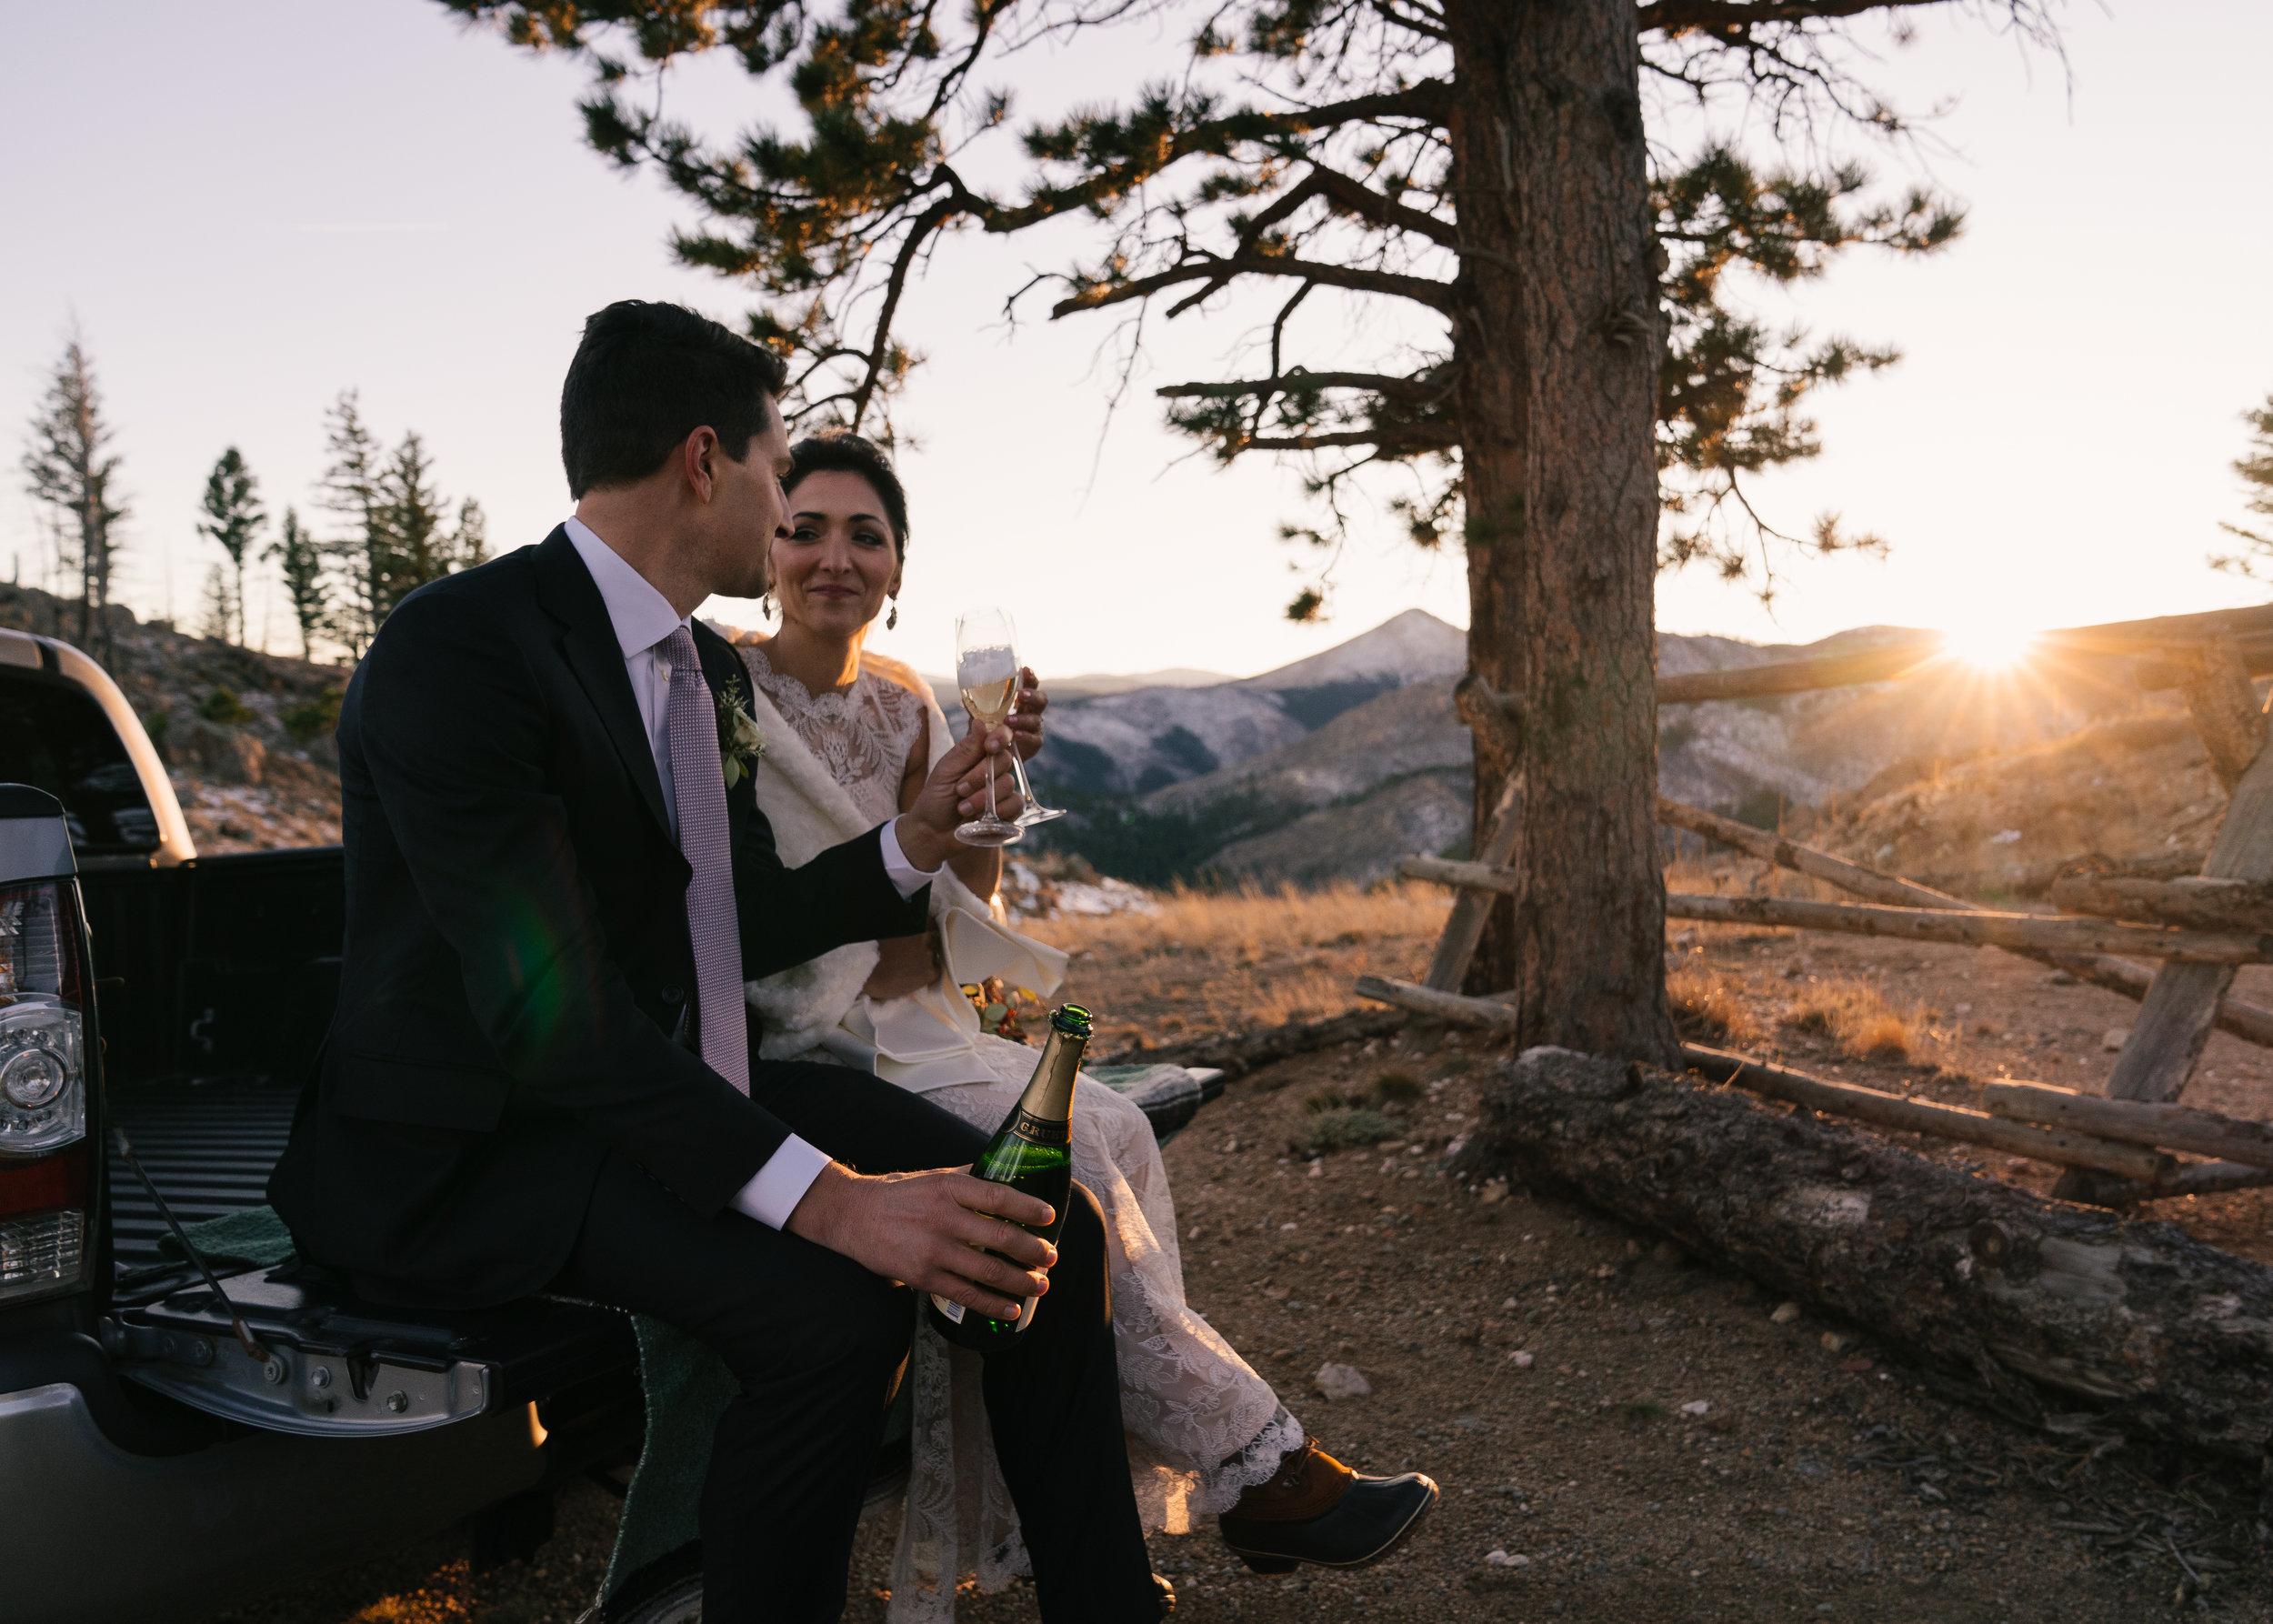 Bride and Groom in Boulder Colorado